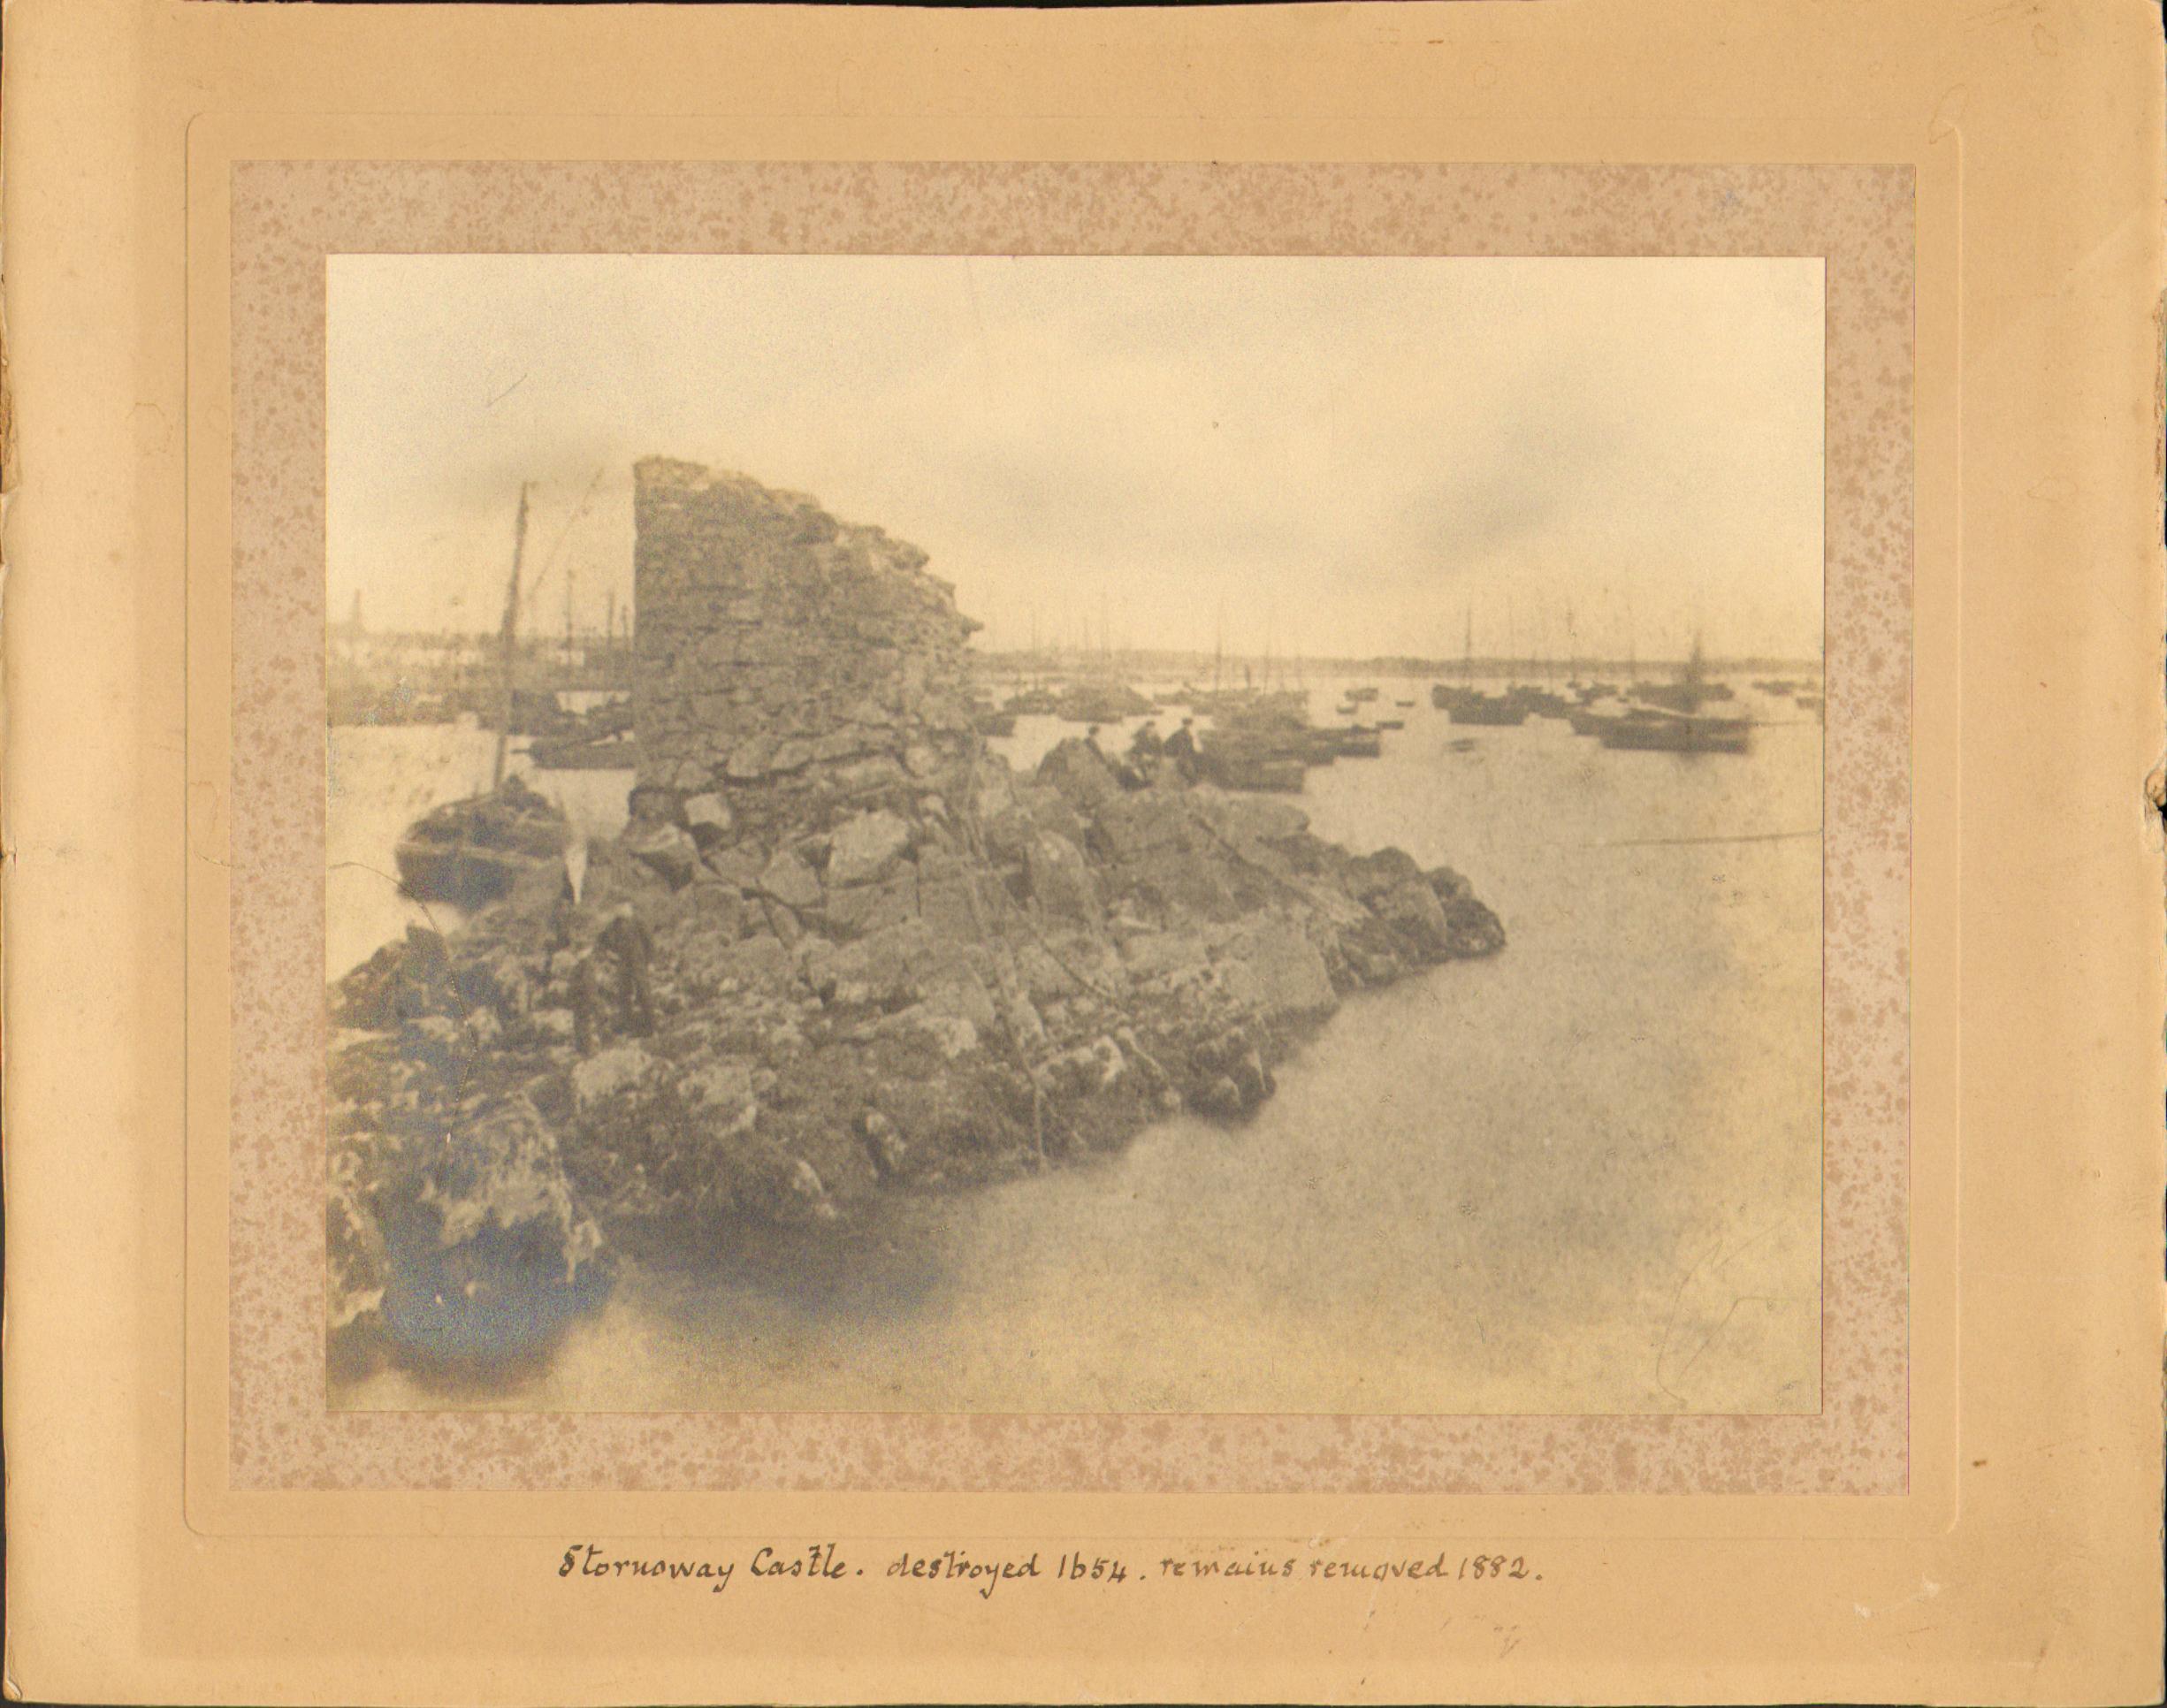 Stornoway Castle pre 1882